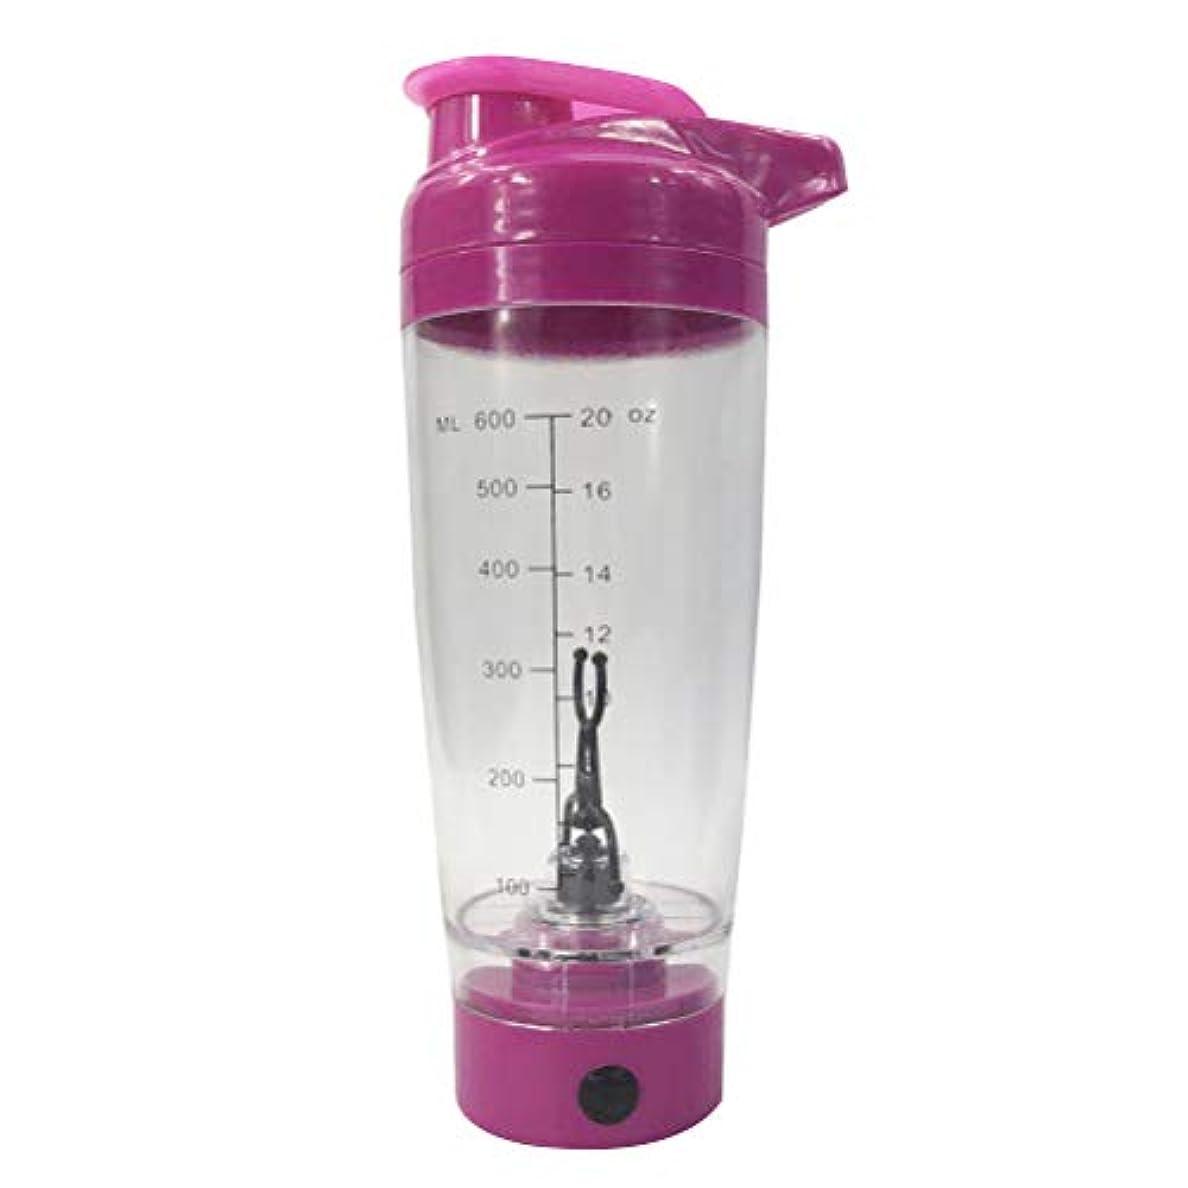 ペットスプリット分類BESTONZON 電動シェーカー プロテインシェーカー ボトル 多機能 ポータブル 自動攪拌ミキサー 電池式 600ml(ローズレッド)